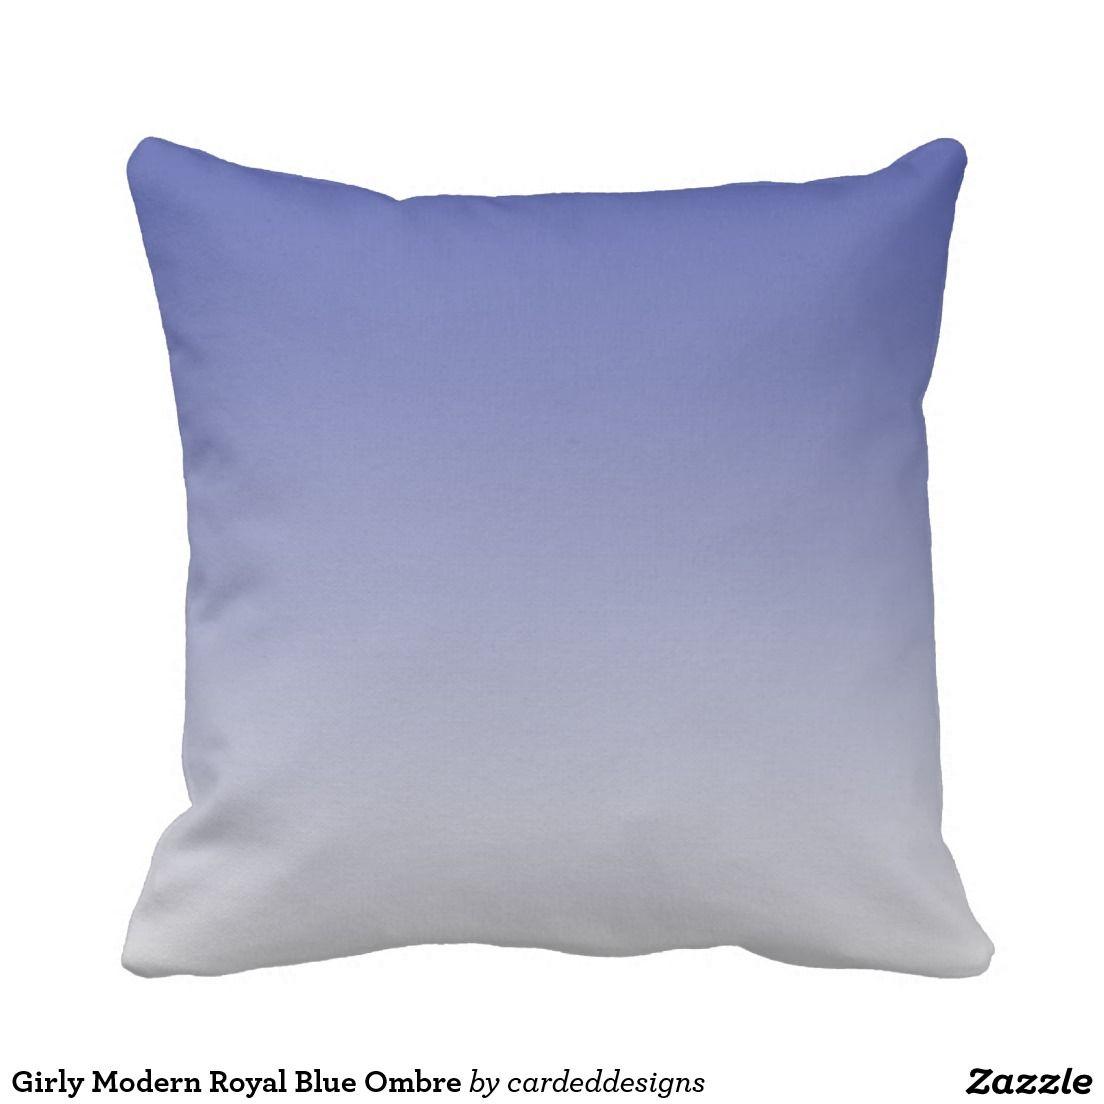 Girly Modern Royal Blue Ombre Outdoor Pillow Outdoor Pillows